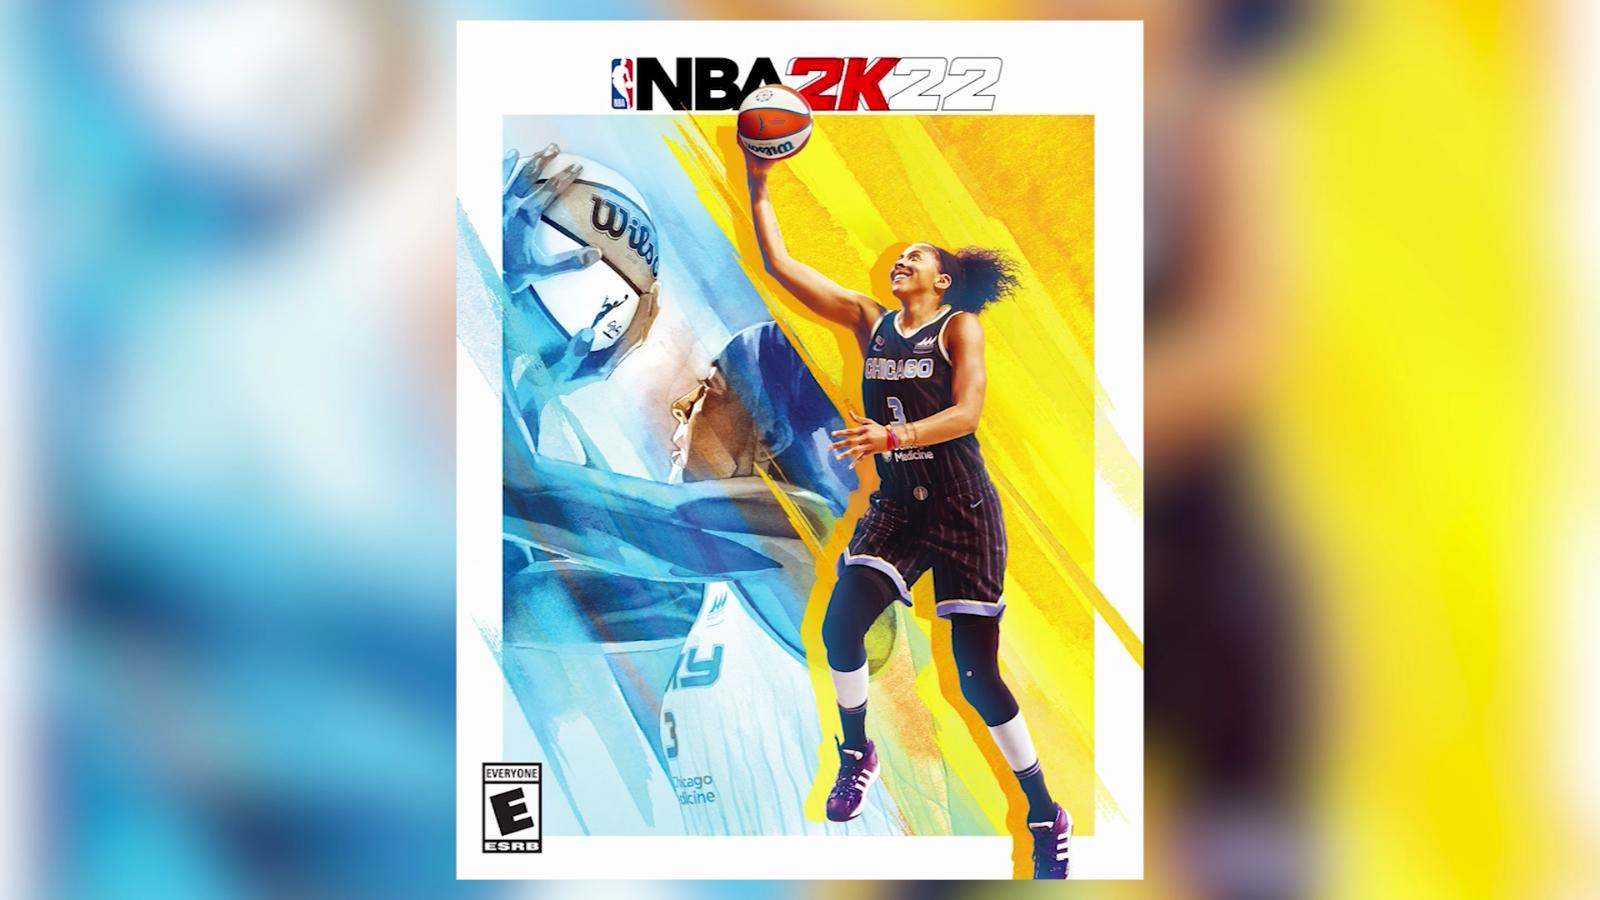 Por primera vez, una mujer estará en la carátula del videojuego NBA 2K